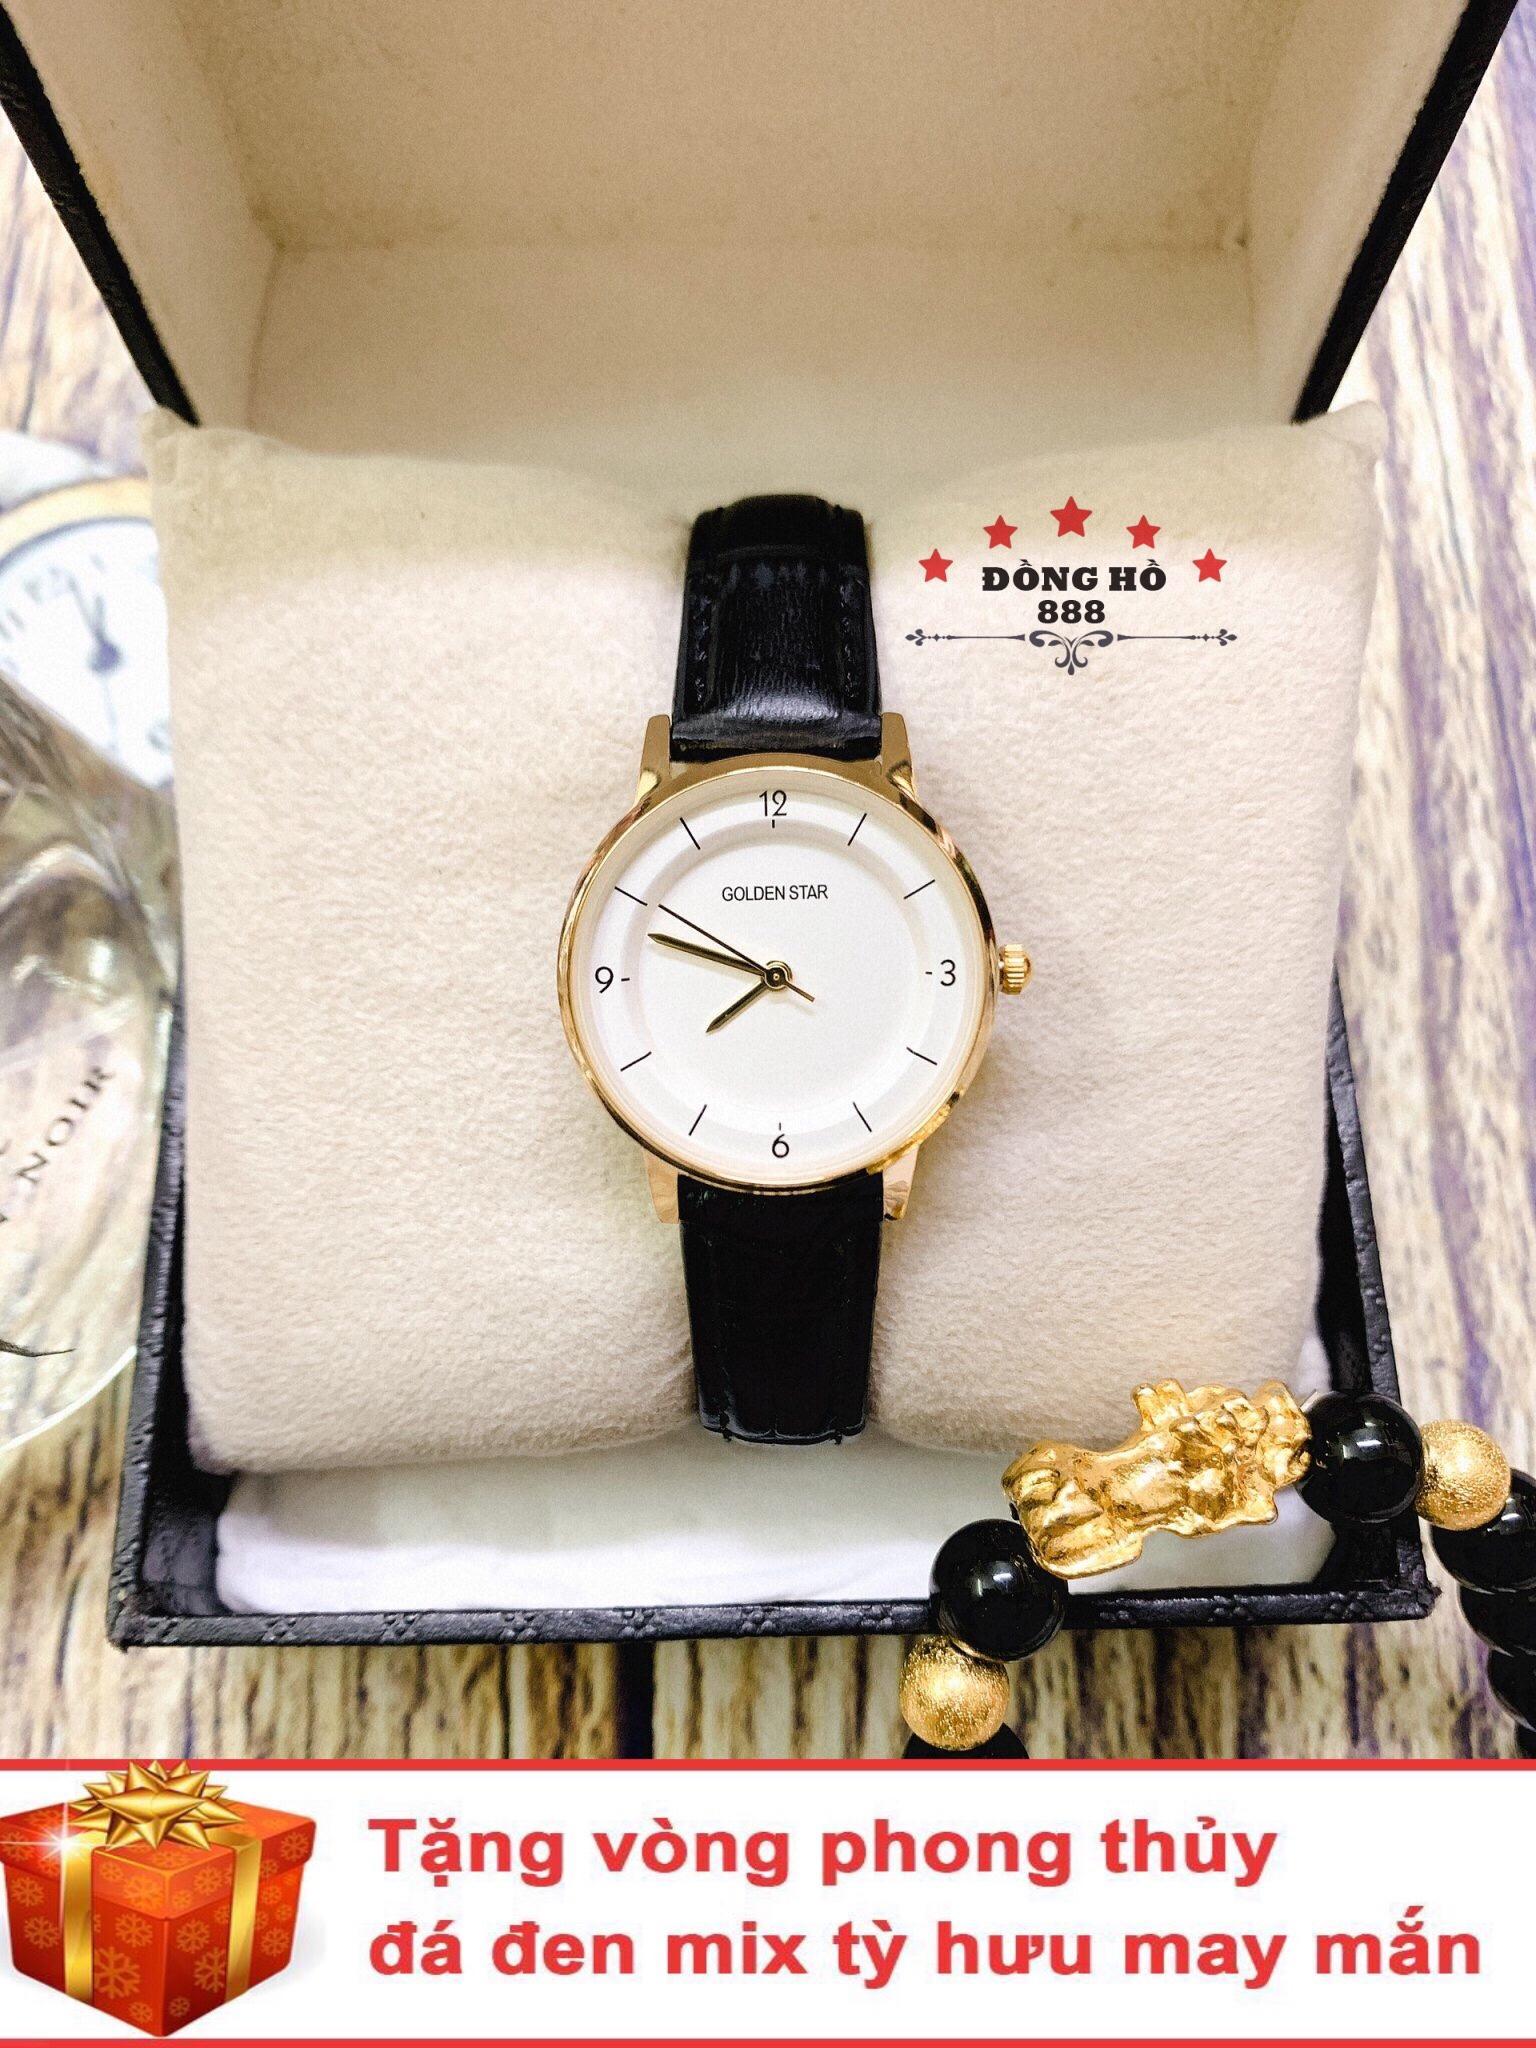 Đồng hồ nữ GOLDEN STAR dây da thời thượng ( GS3194 Dây đen mặt trắng ) - TẶNG 1 vòng tỳ hưu phong thuỷ bán chạy